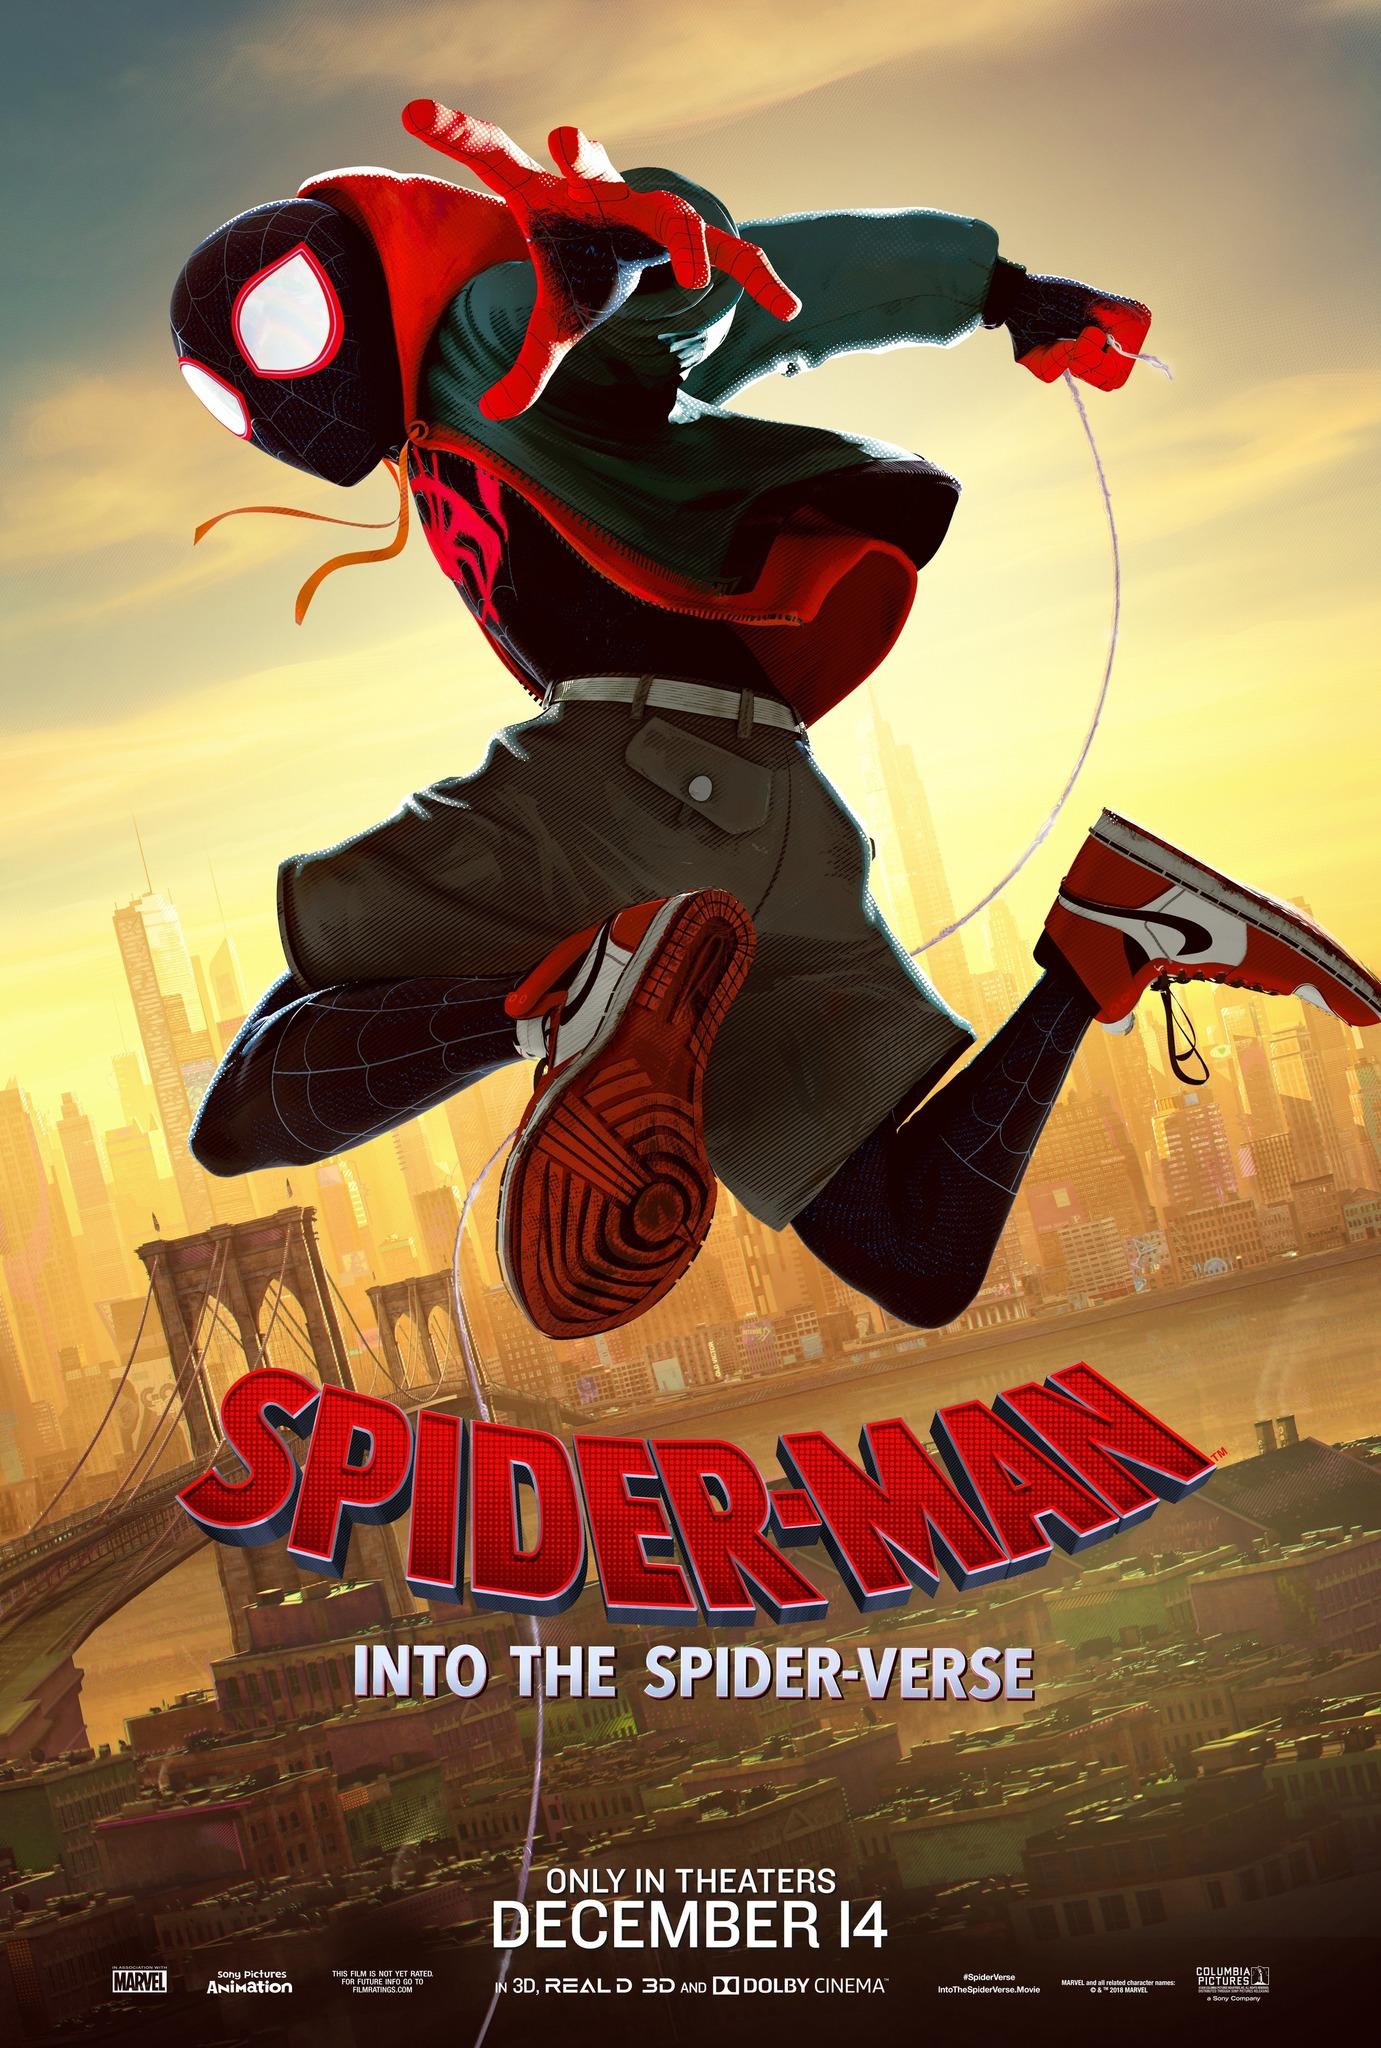 دانلود انیمیشن مرد عنکبوتی سفر به دنیای عنکبوتی Spider Man Into the Spider Verse 2018